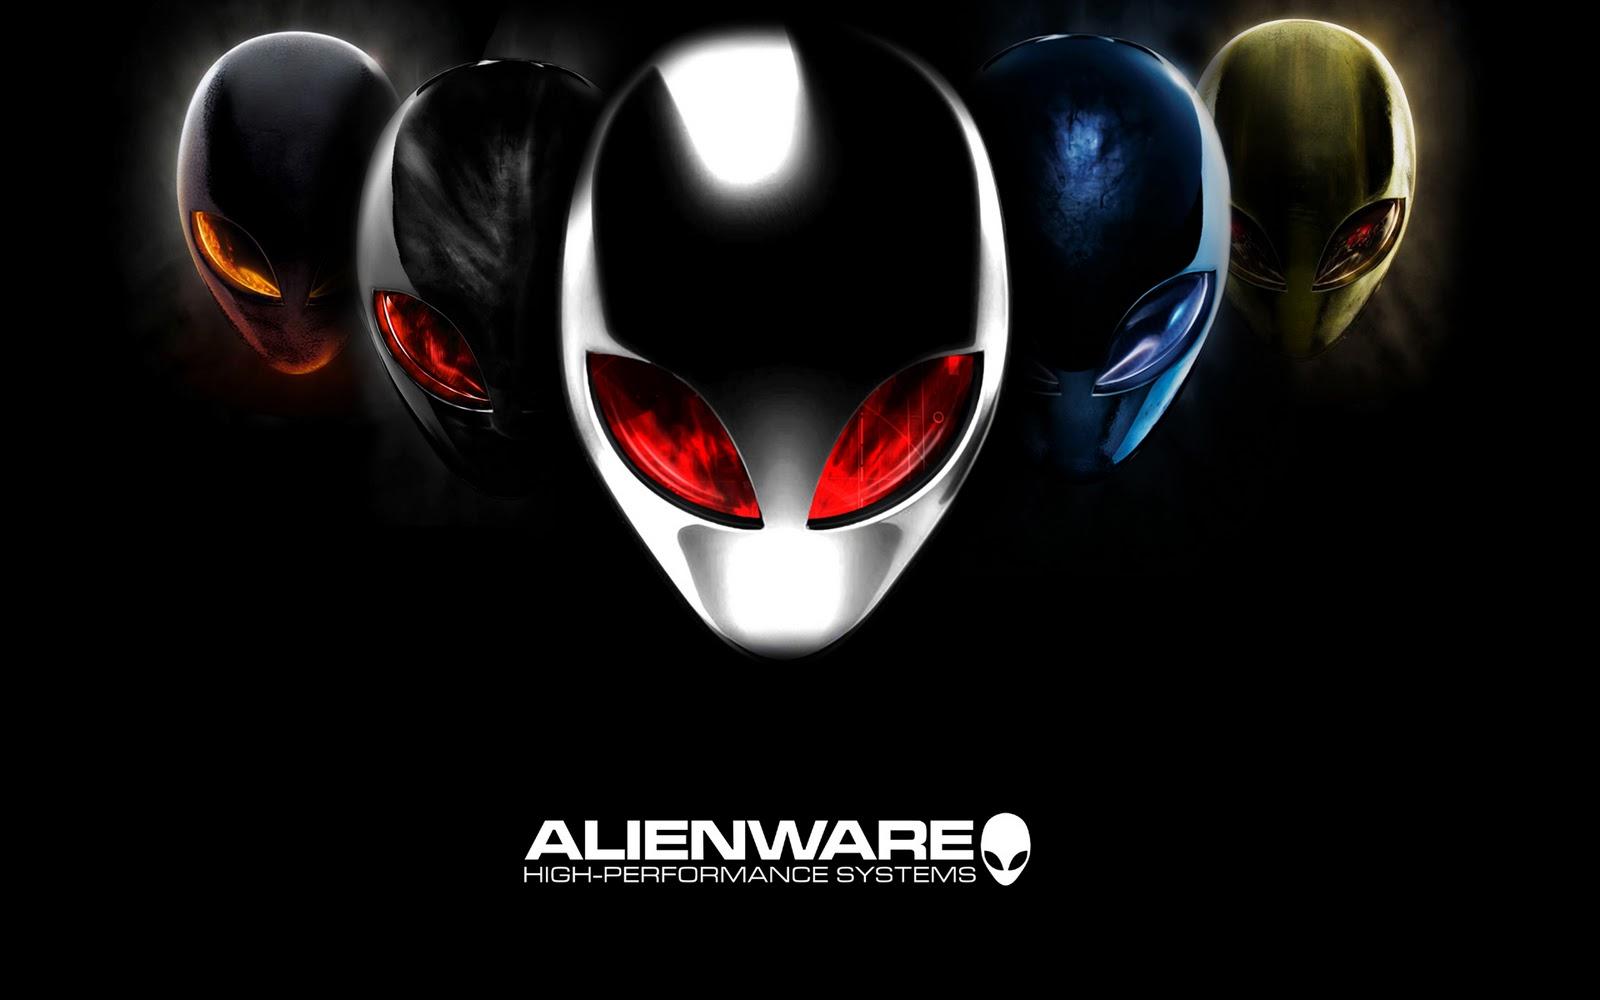 http://4.bp.blogspot.com/-v_wZkMIT1PE/ToSIs9oS95I/AAAAAAAAAnA/BMExQJmr_Zs/s1600/Alienware%20Wallpaper-36.jpg